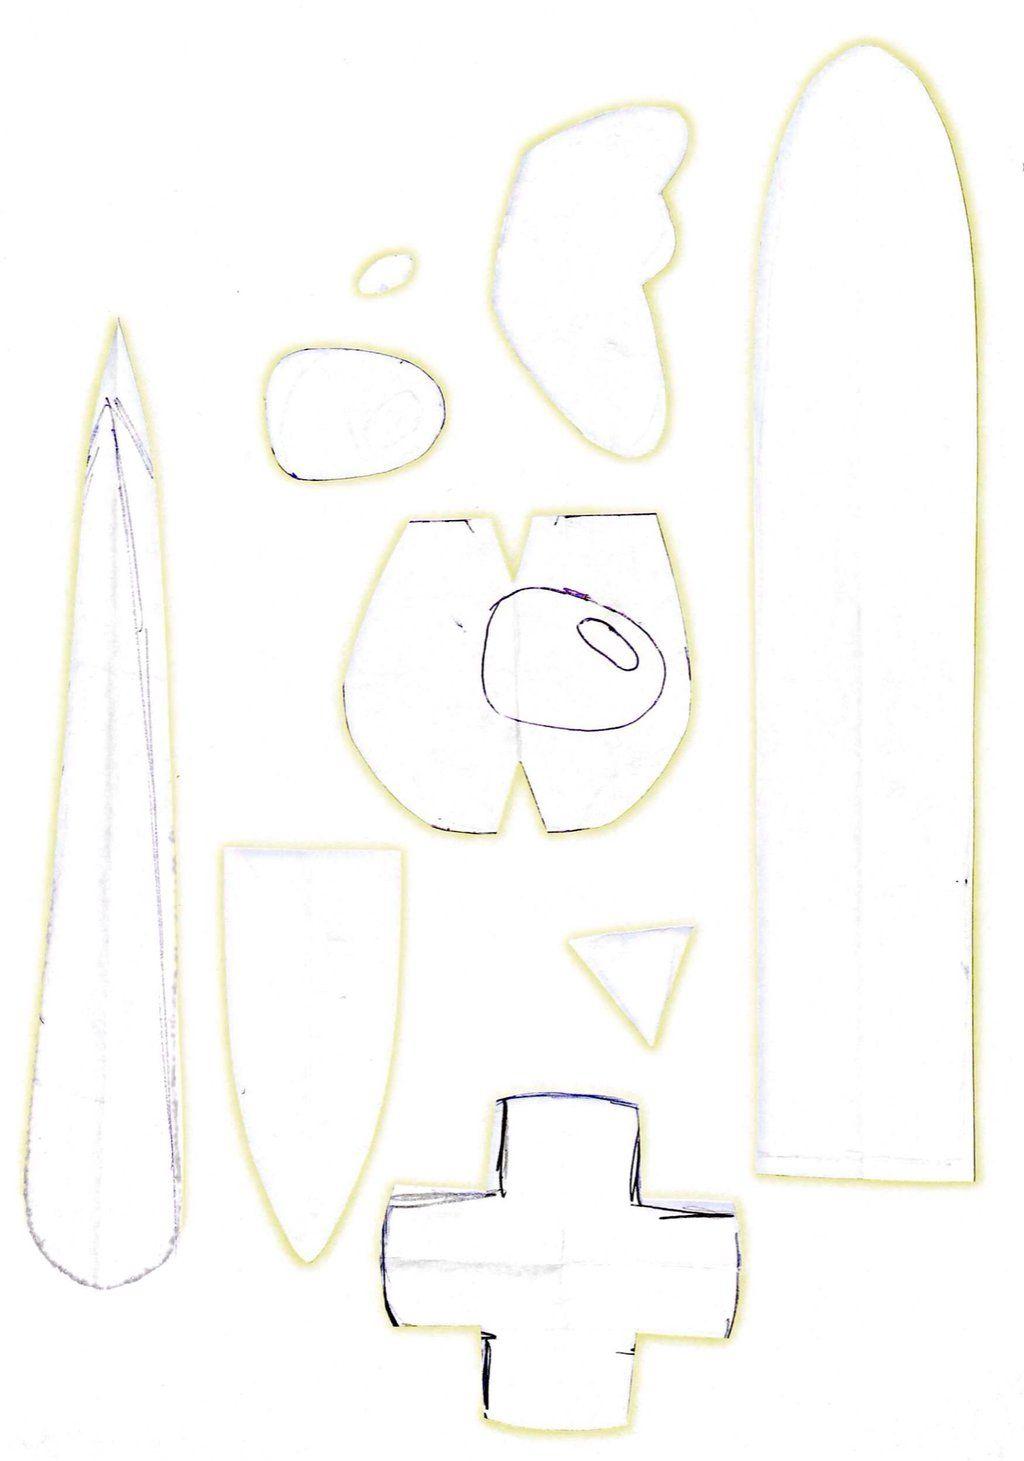 Pin von Sulaiman Al-Awadhi auf Plush Patterns & Tutorials ...